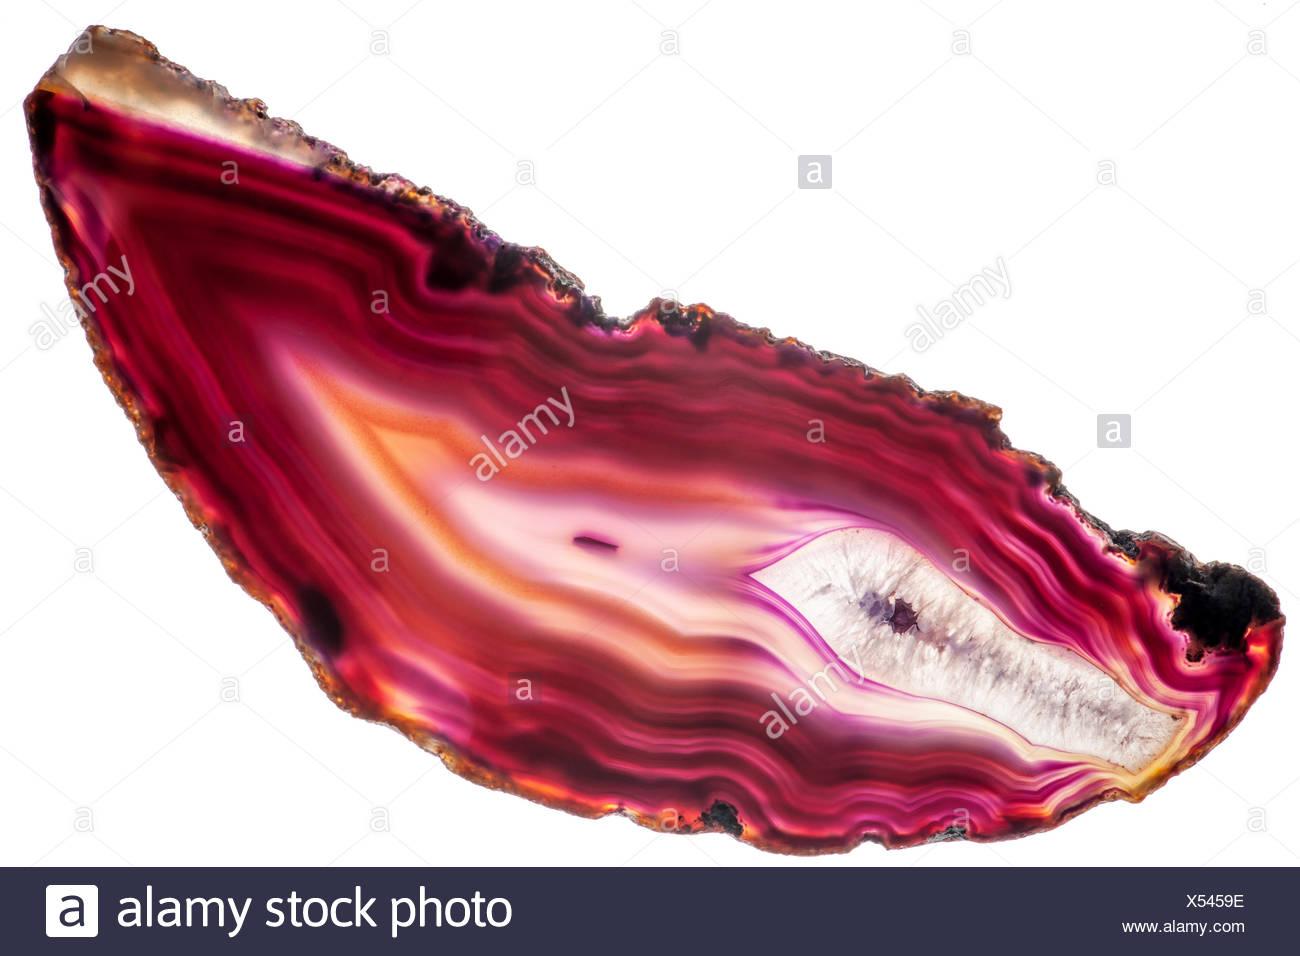 Ansicht einer länglich-flachen, polierten und transparenten Scheibe eines roten Achat mit pfeilförmigen Strukturen in violett mit krustigem Rand isoliert auf Weiß - Stock Image